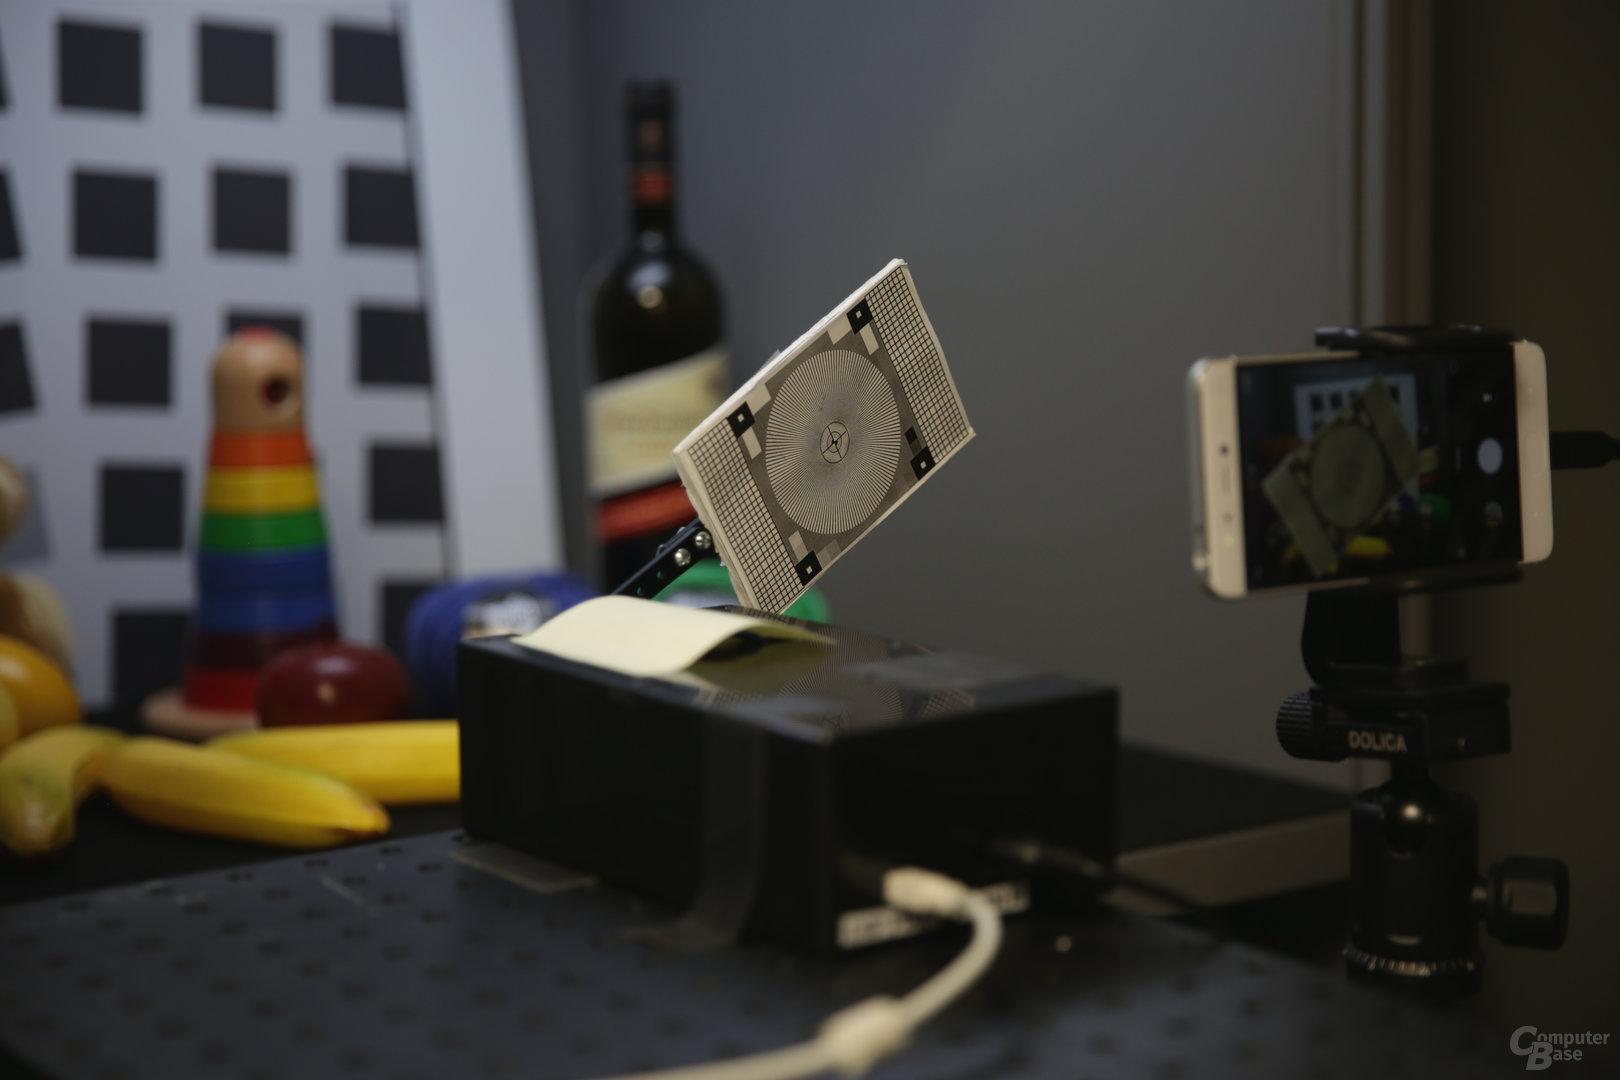 Testaufbau für Autofokus-Messungen